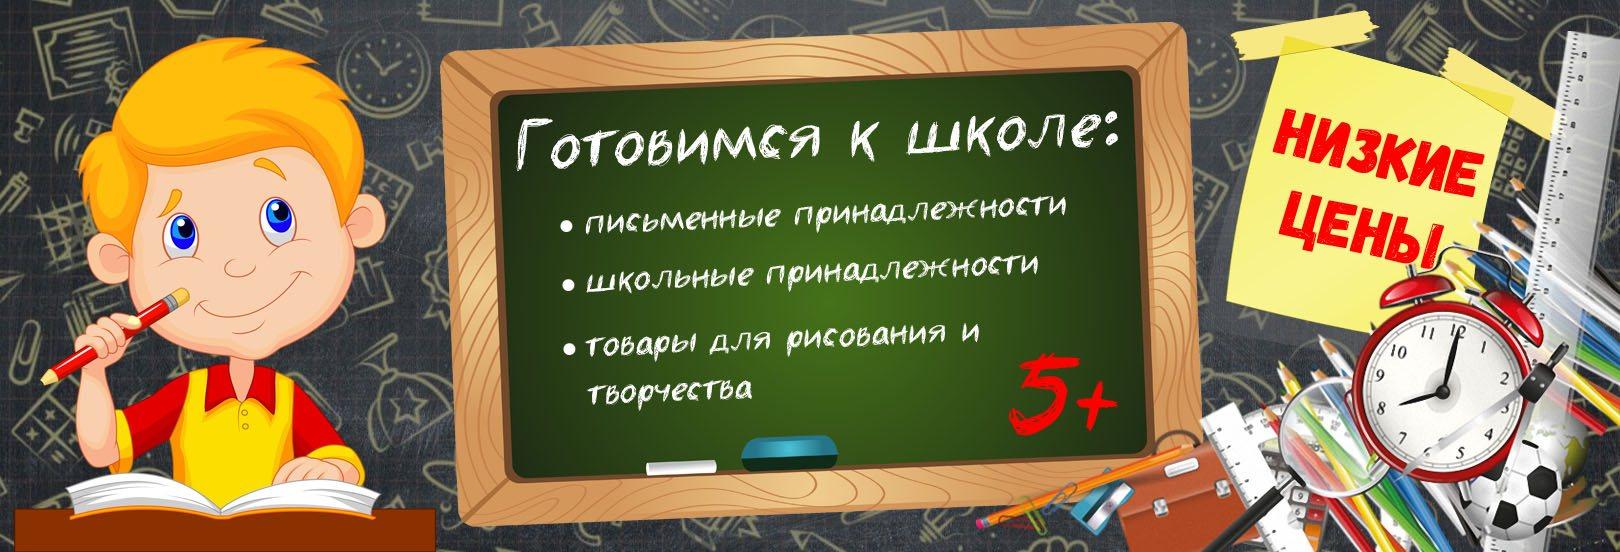 #а ты готов к школе?